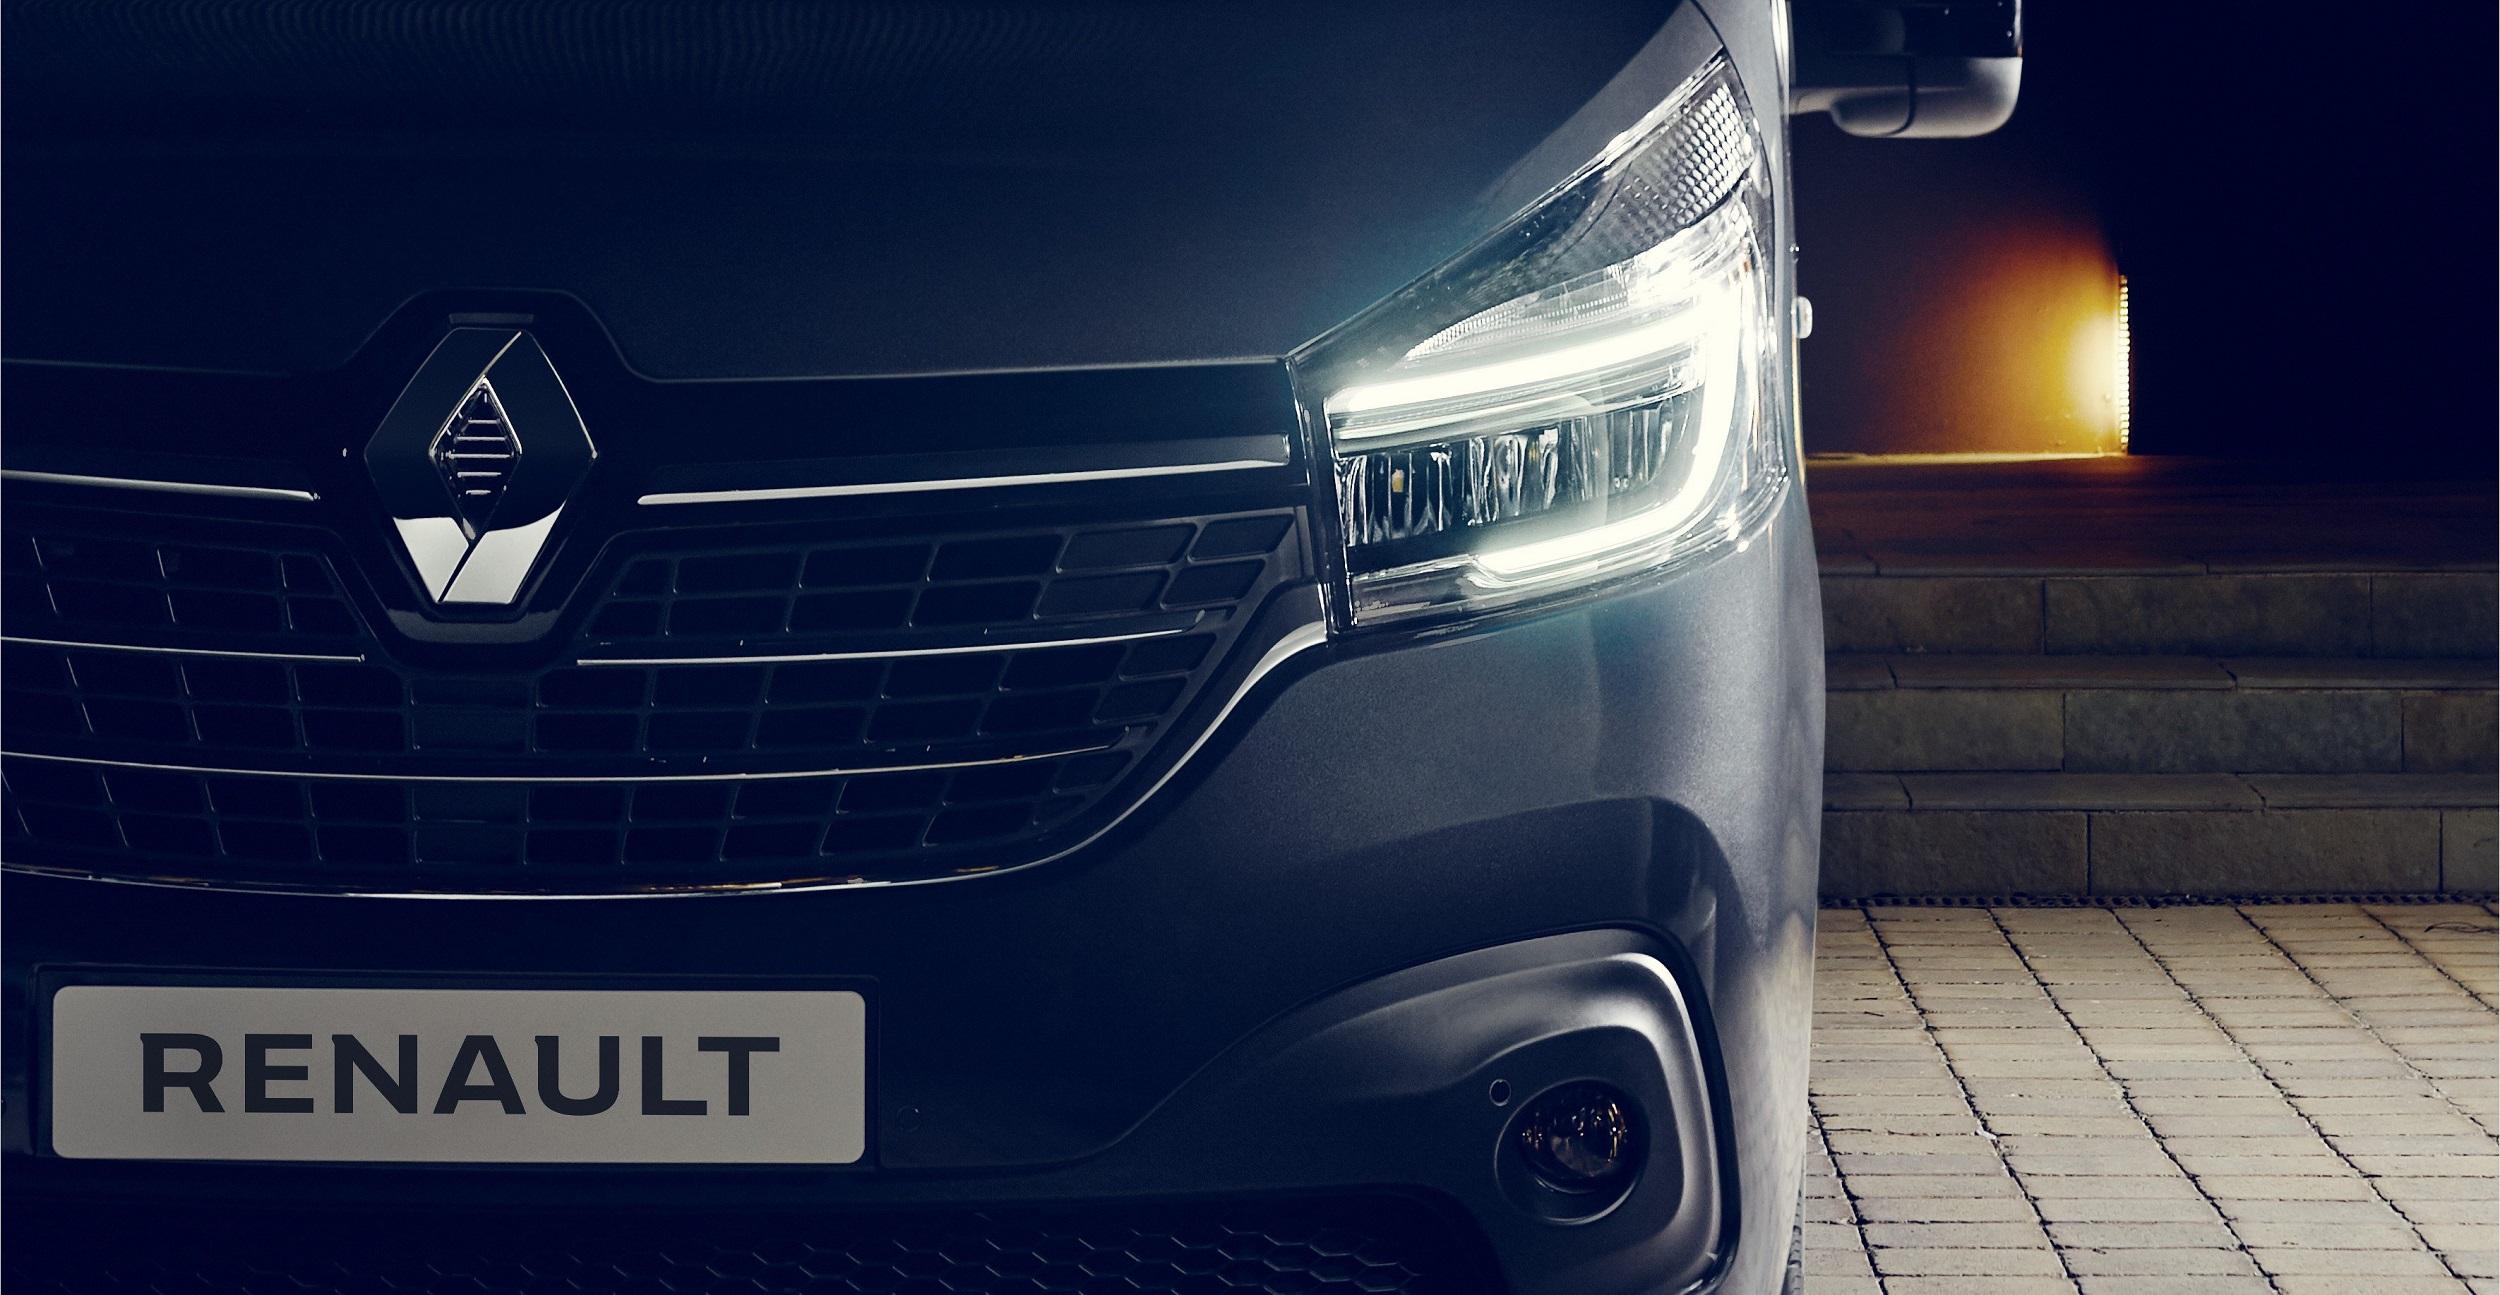 Renault : Opportuniste, Renault profite du rebond de Daimler pour liquider sa participation - BFM Bourse